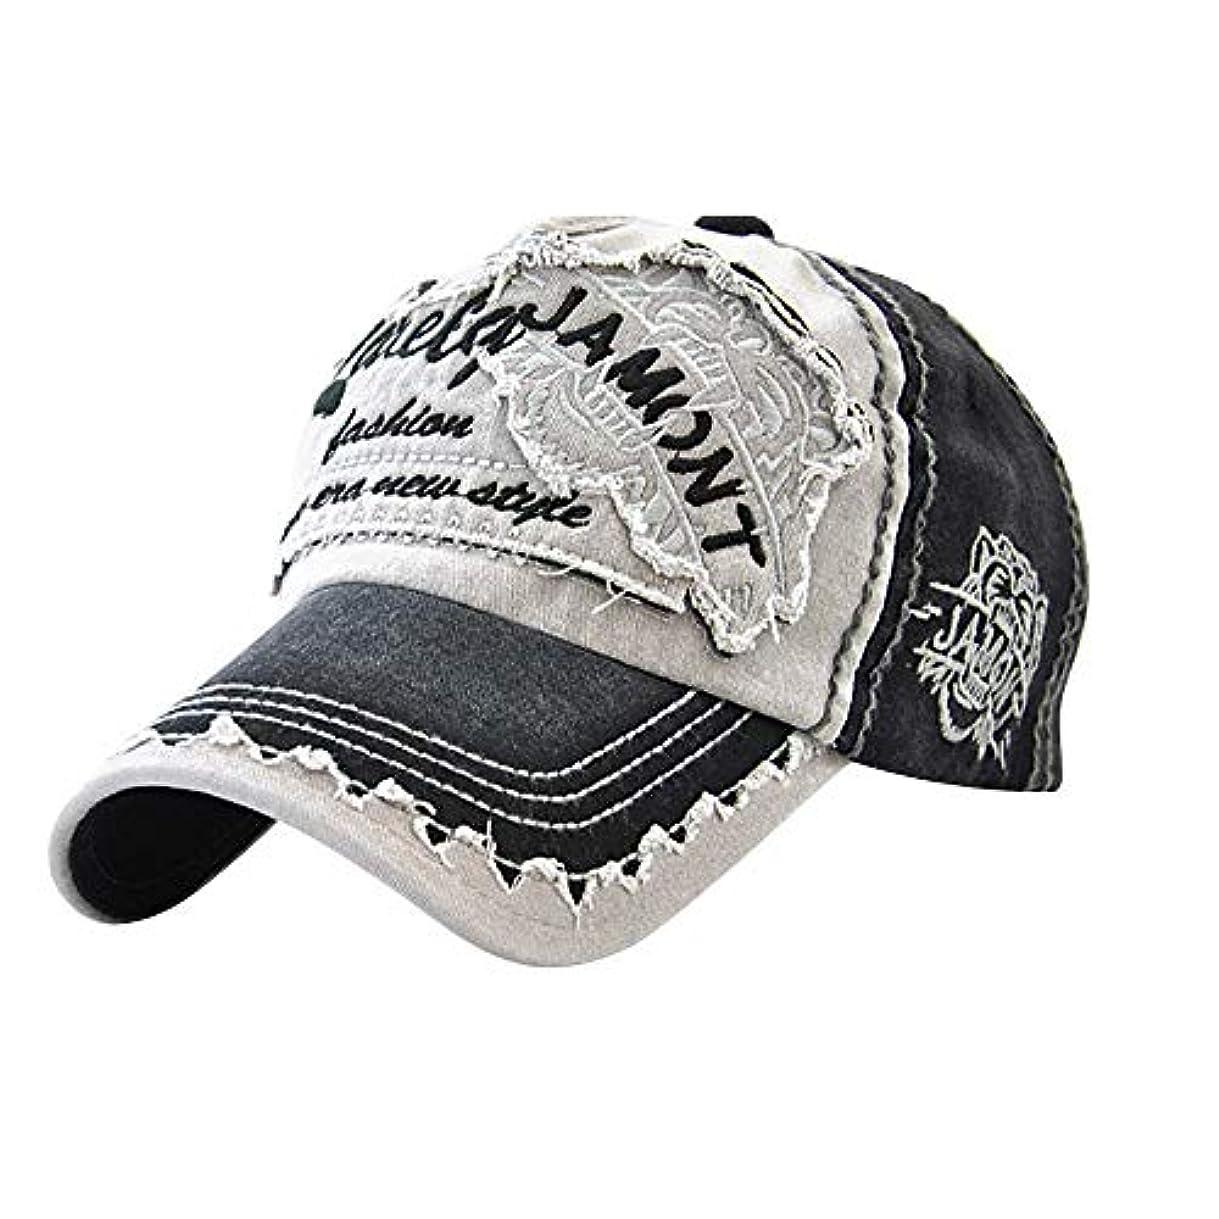 失微視的思われるRacazing パッチワーク 野球帽 ヒップホップ メンズ 夏 登山 帽子メッシュ 可調整可能 プラスベルベット 棒球帽 UV 帽子 軽量 屋外 Unisex 鸭舌帽 Hat Cap